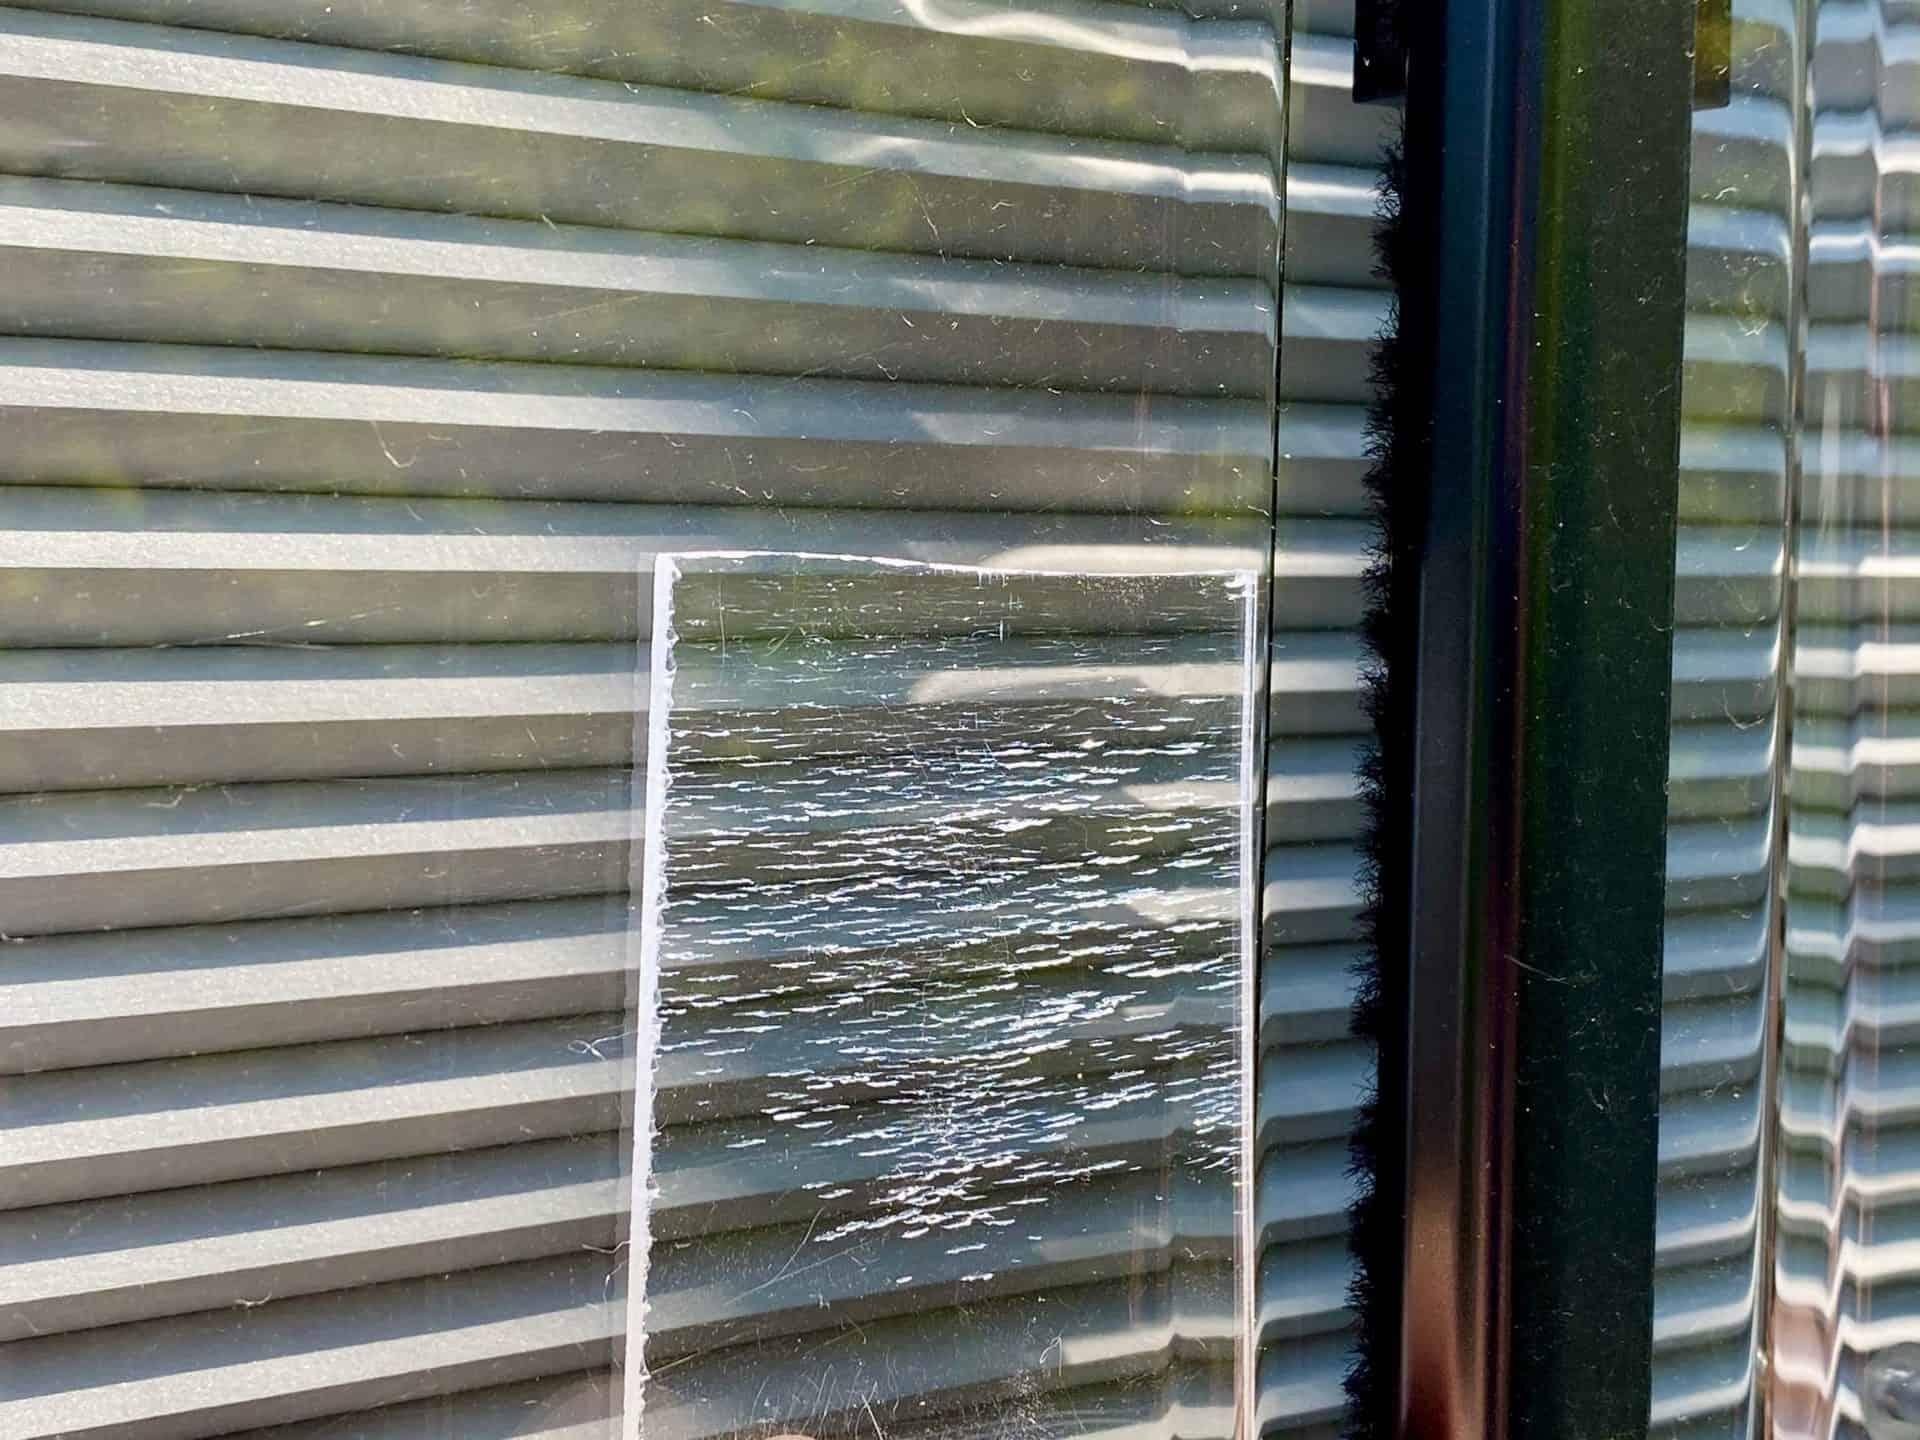 Acrylglas-richtig-pflegen-Versuch-2-Minuten-in-Spiritus-erzeugt-Risse-Wohnmobilfenster